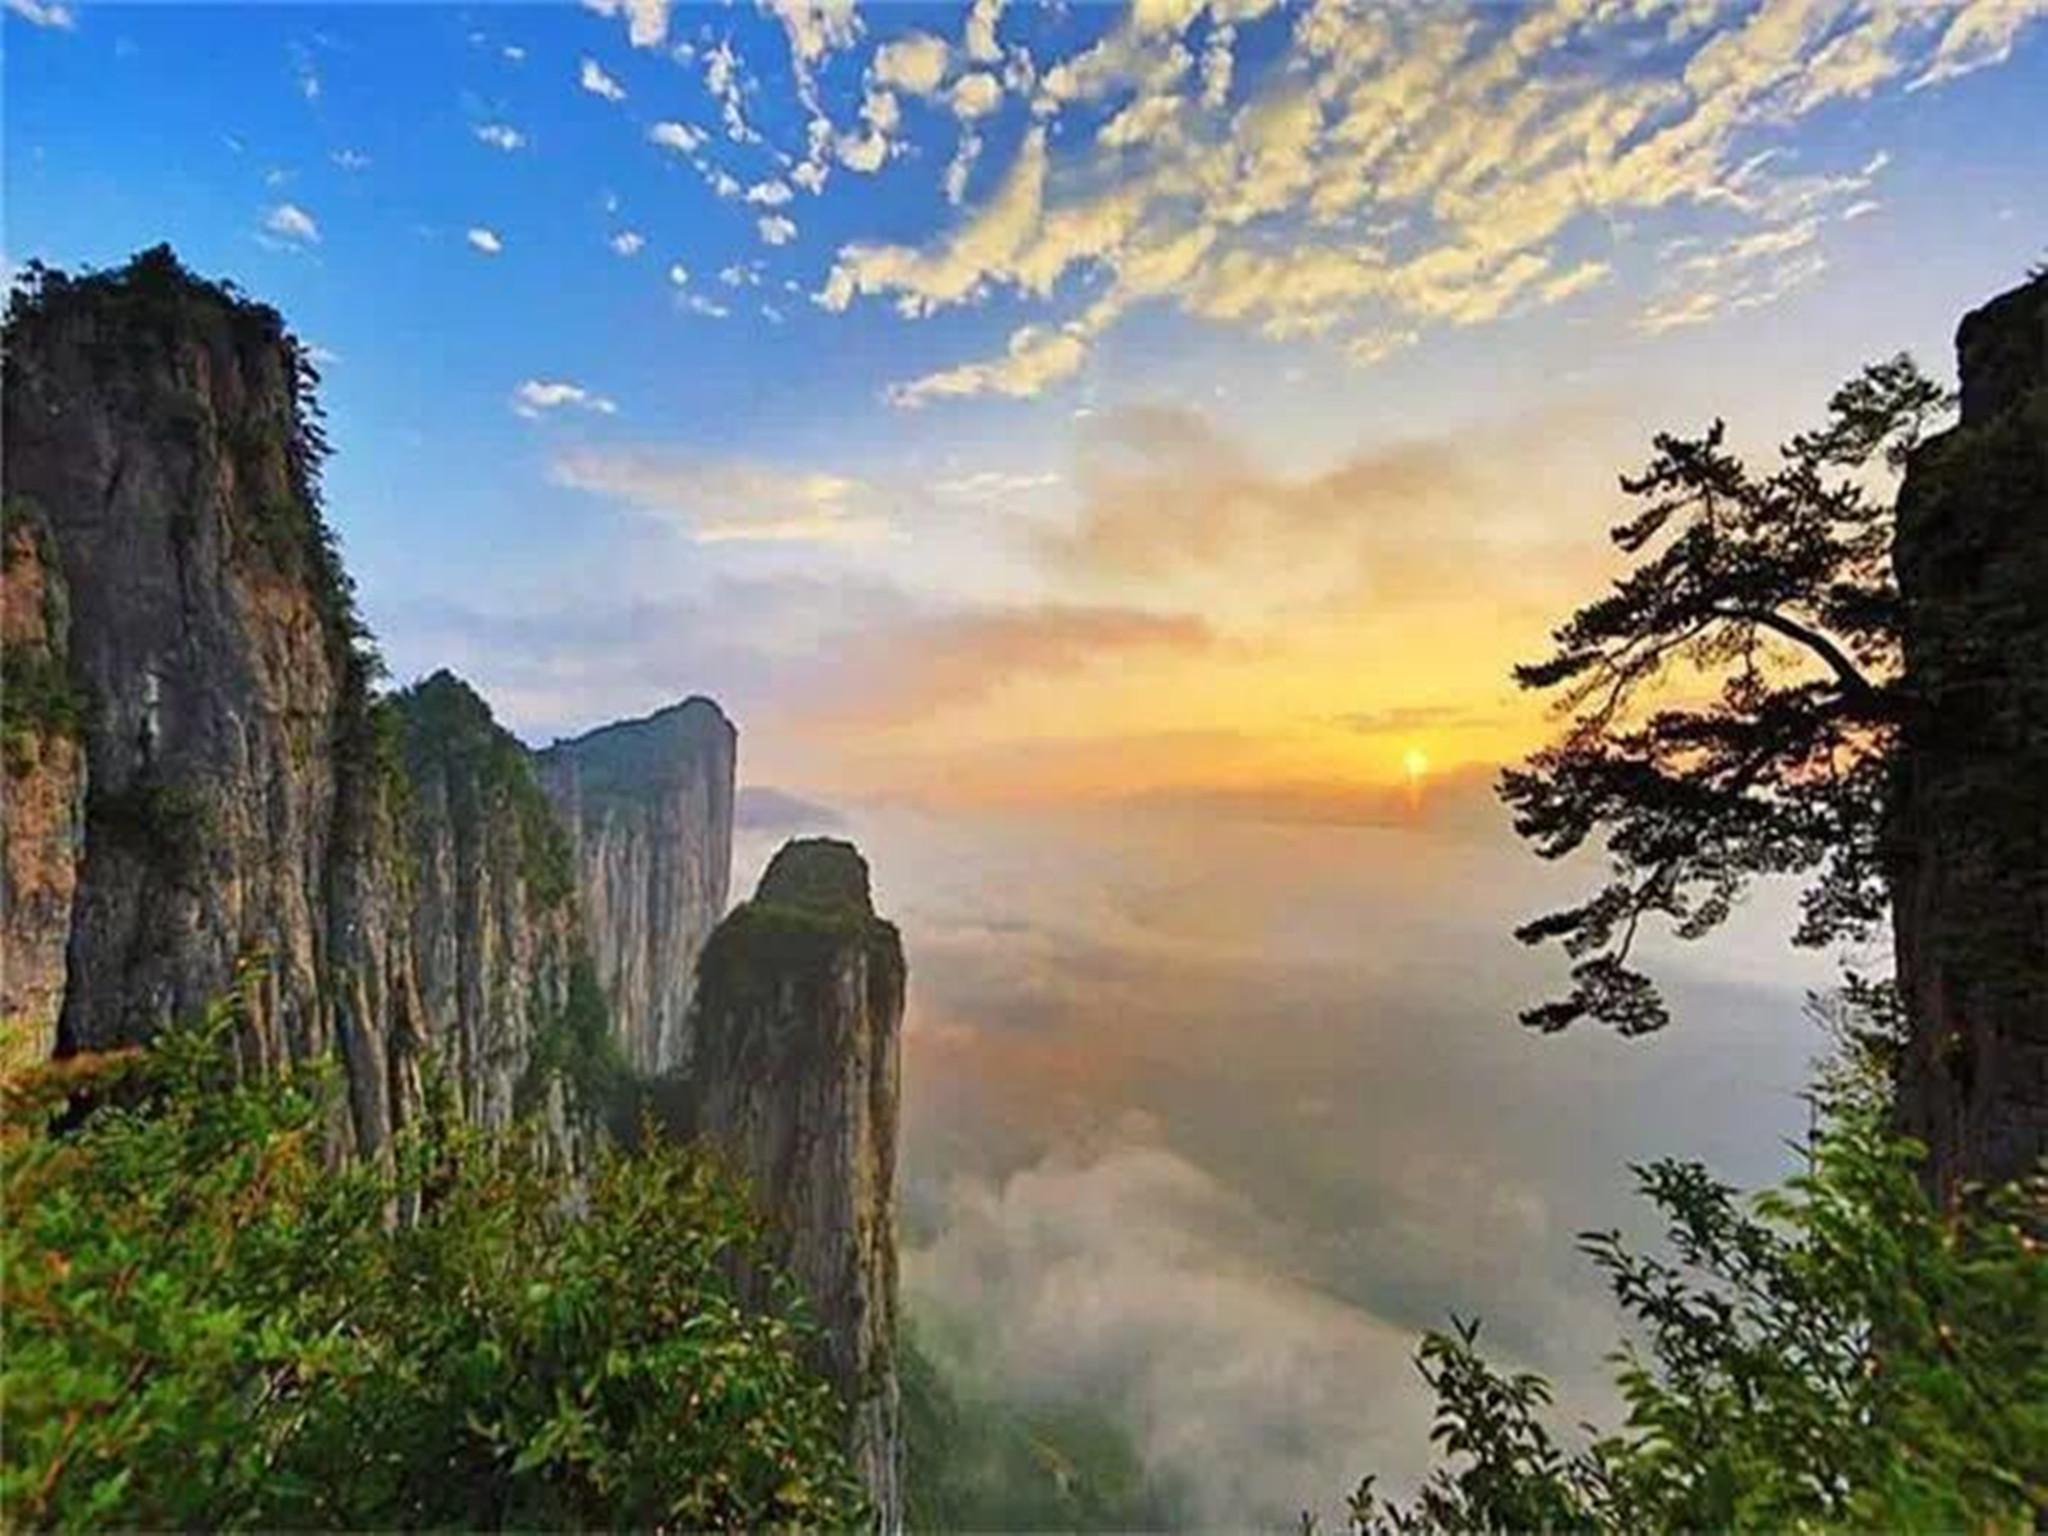 恩施大峡谷、野三峡黄鹤峰林、土家女儿城、地心谷景区石门河5日跟团游